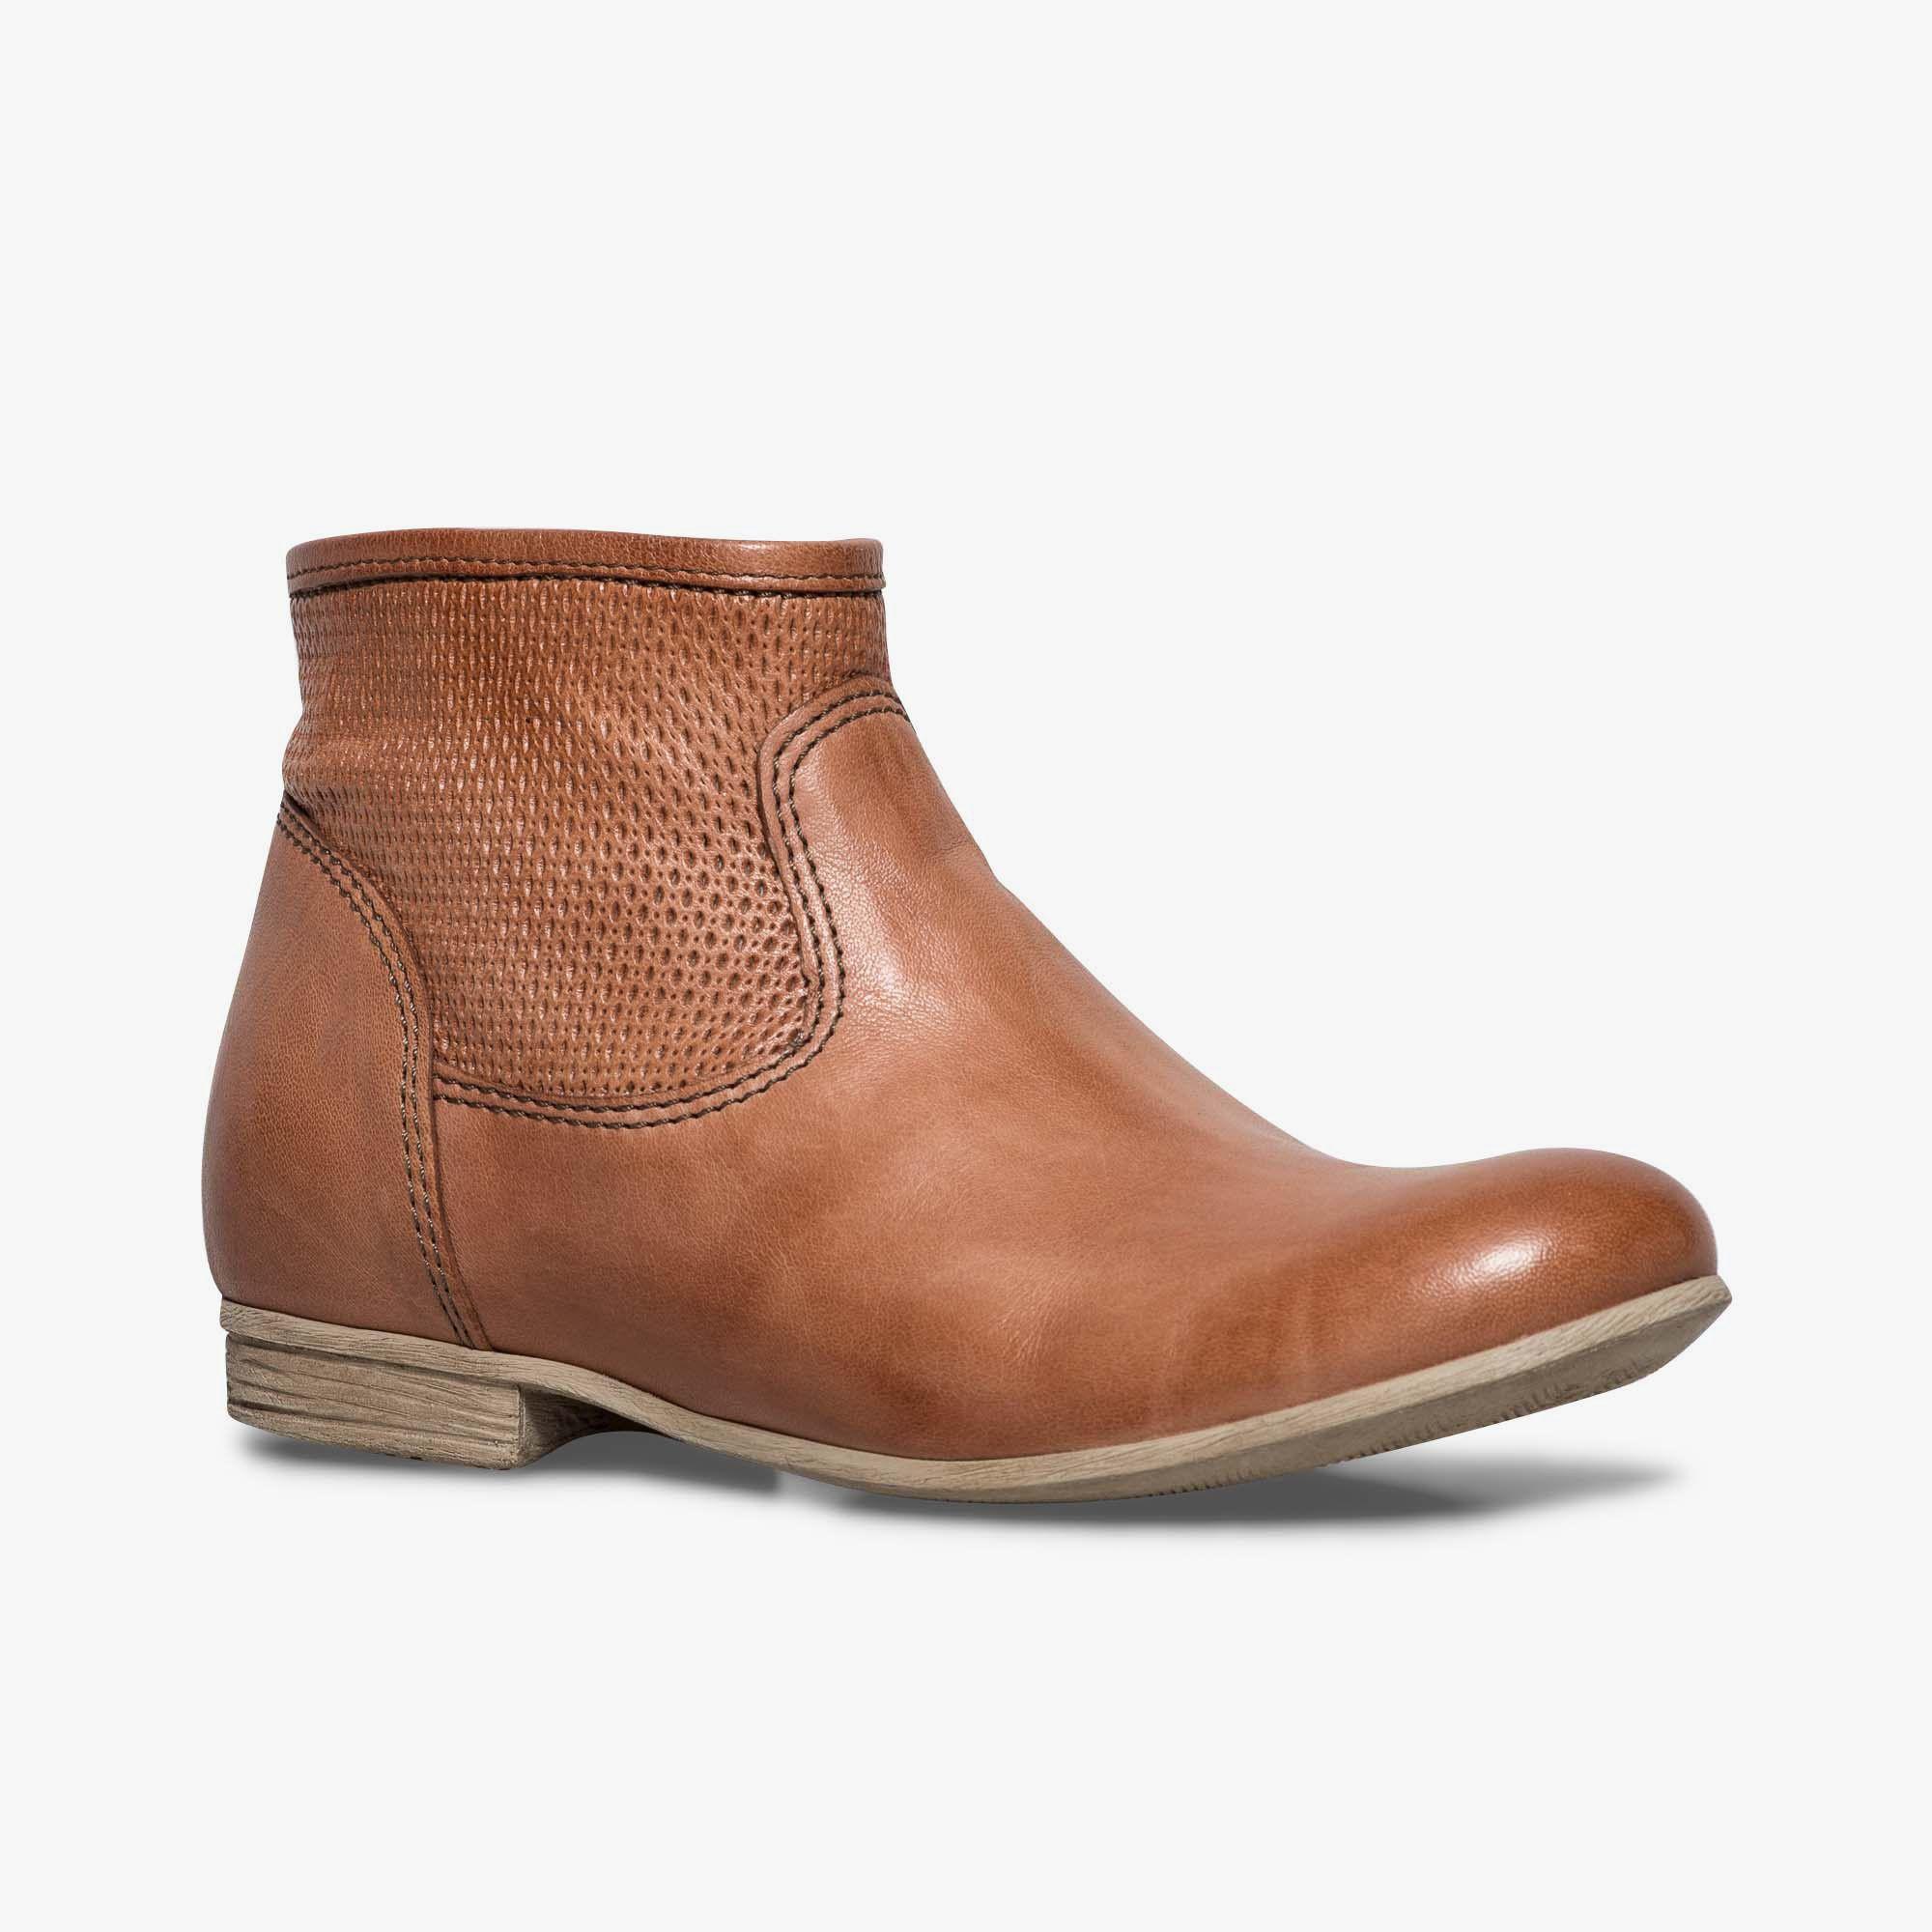 Boots marron en cuir